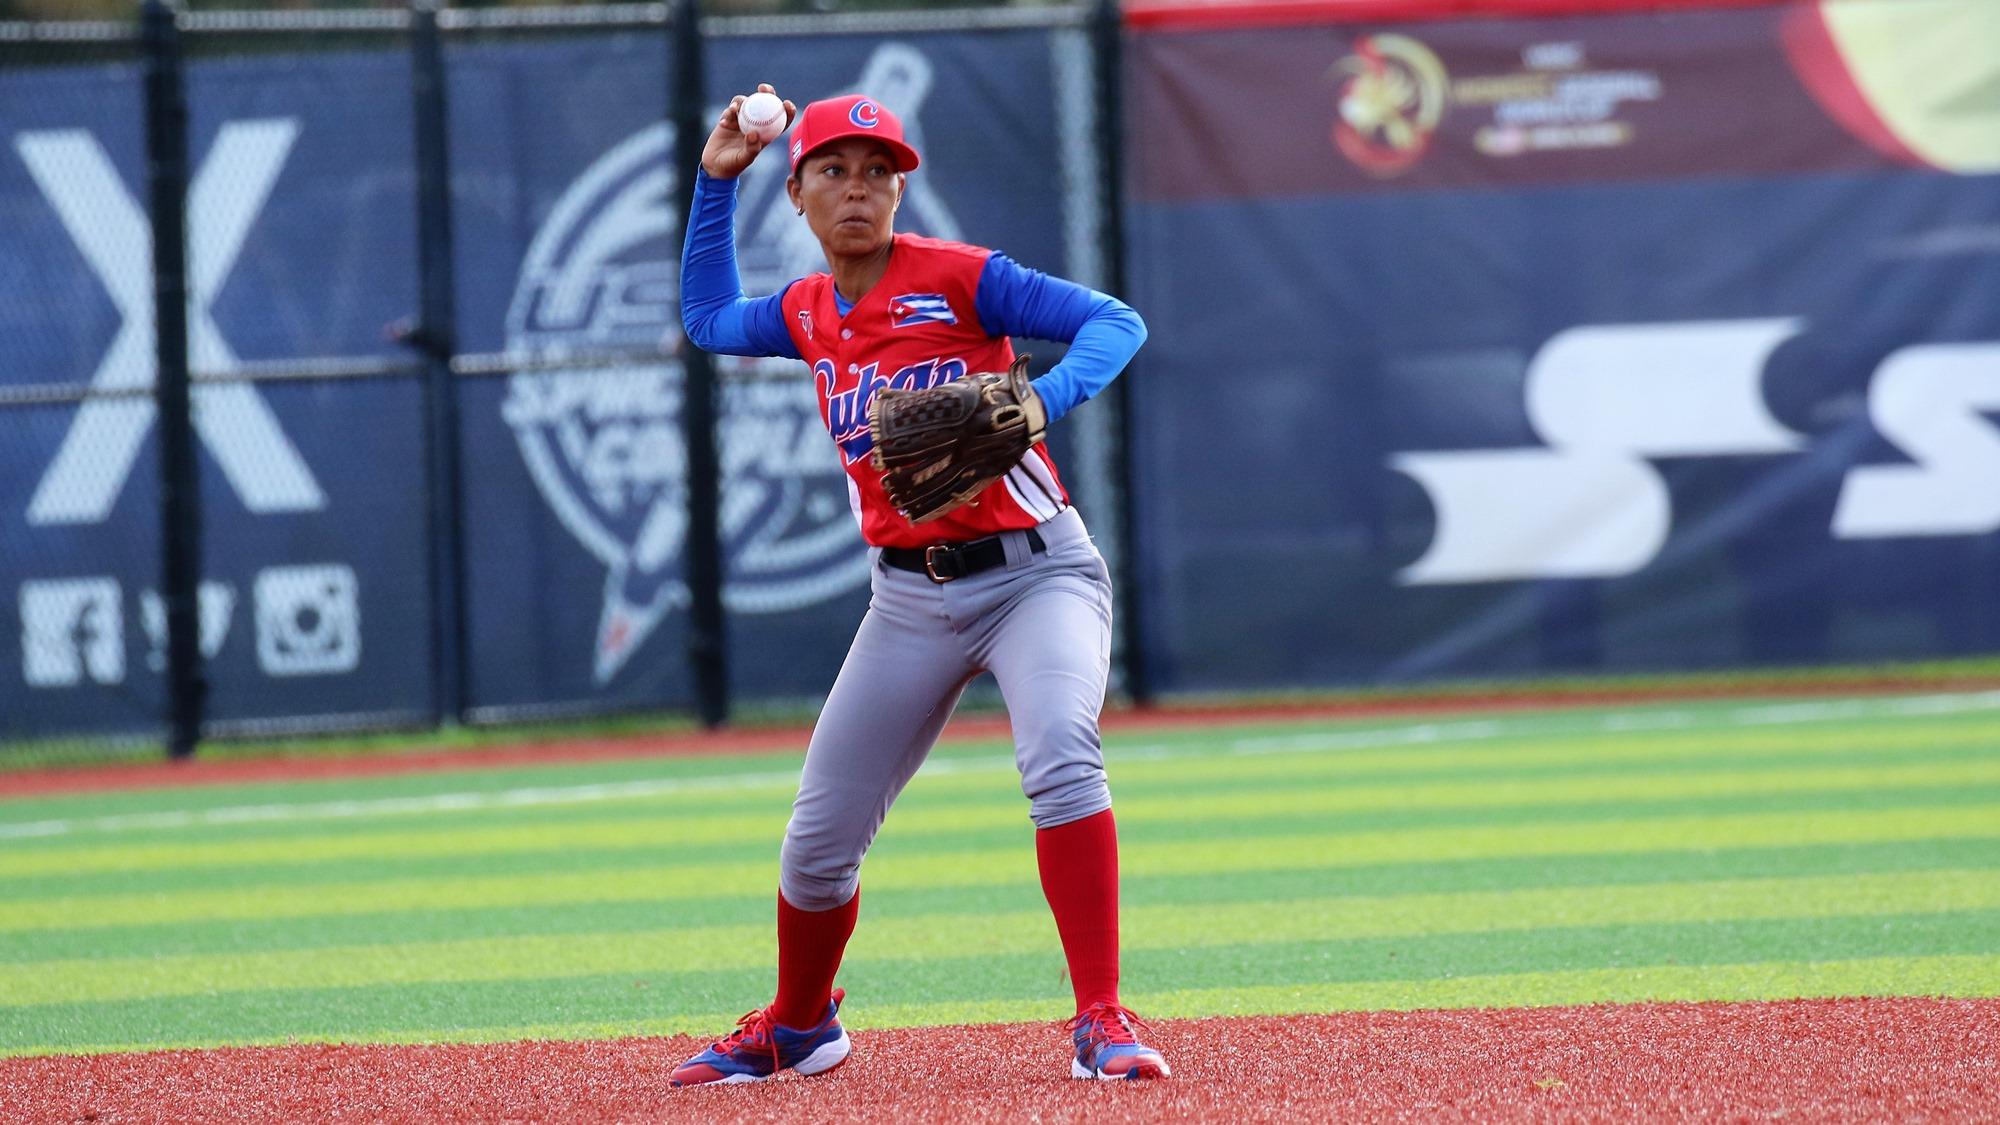 Ysenia Frometa, Cuba's shortstop